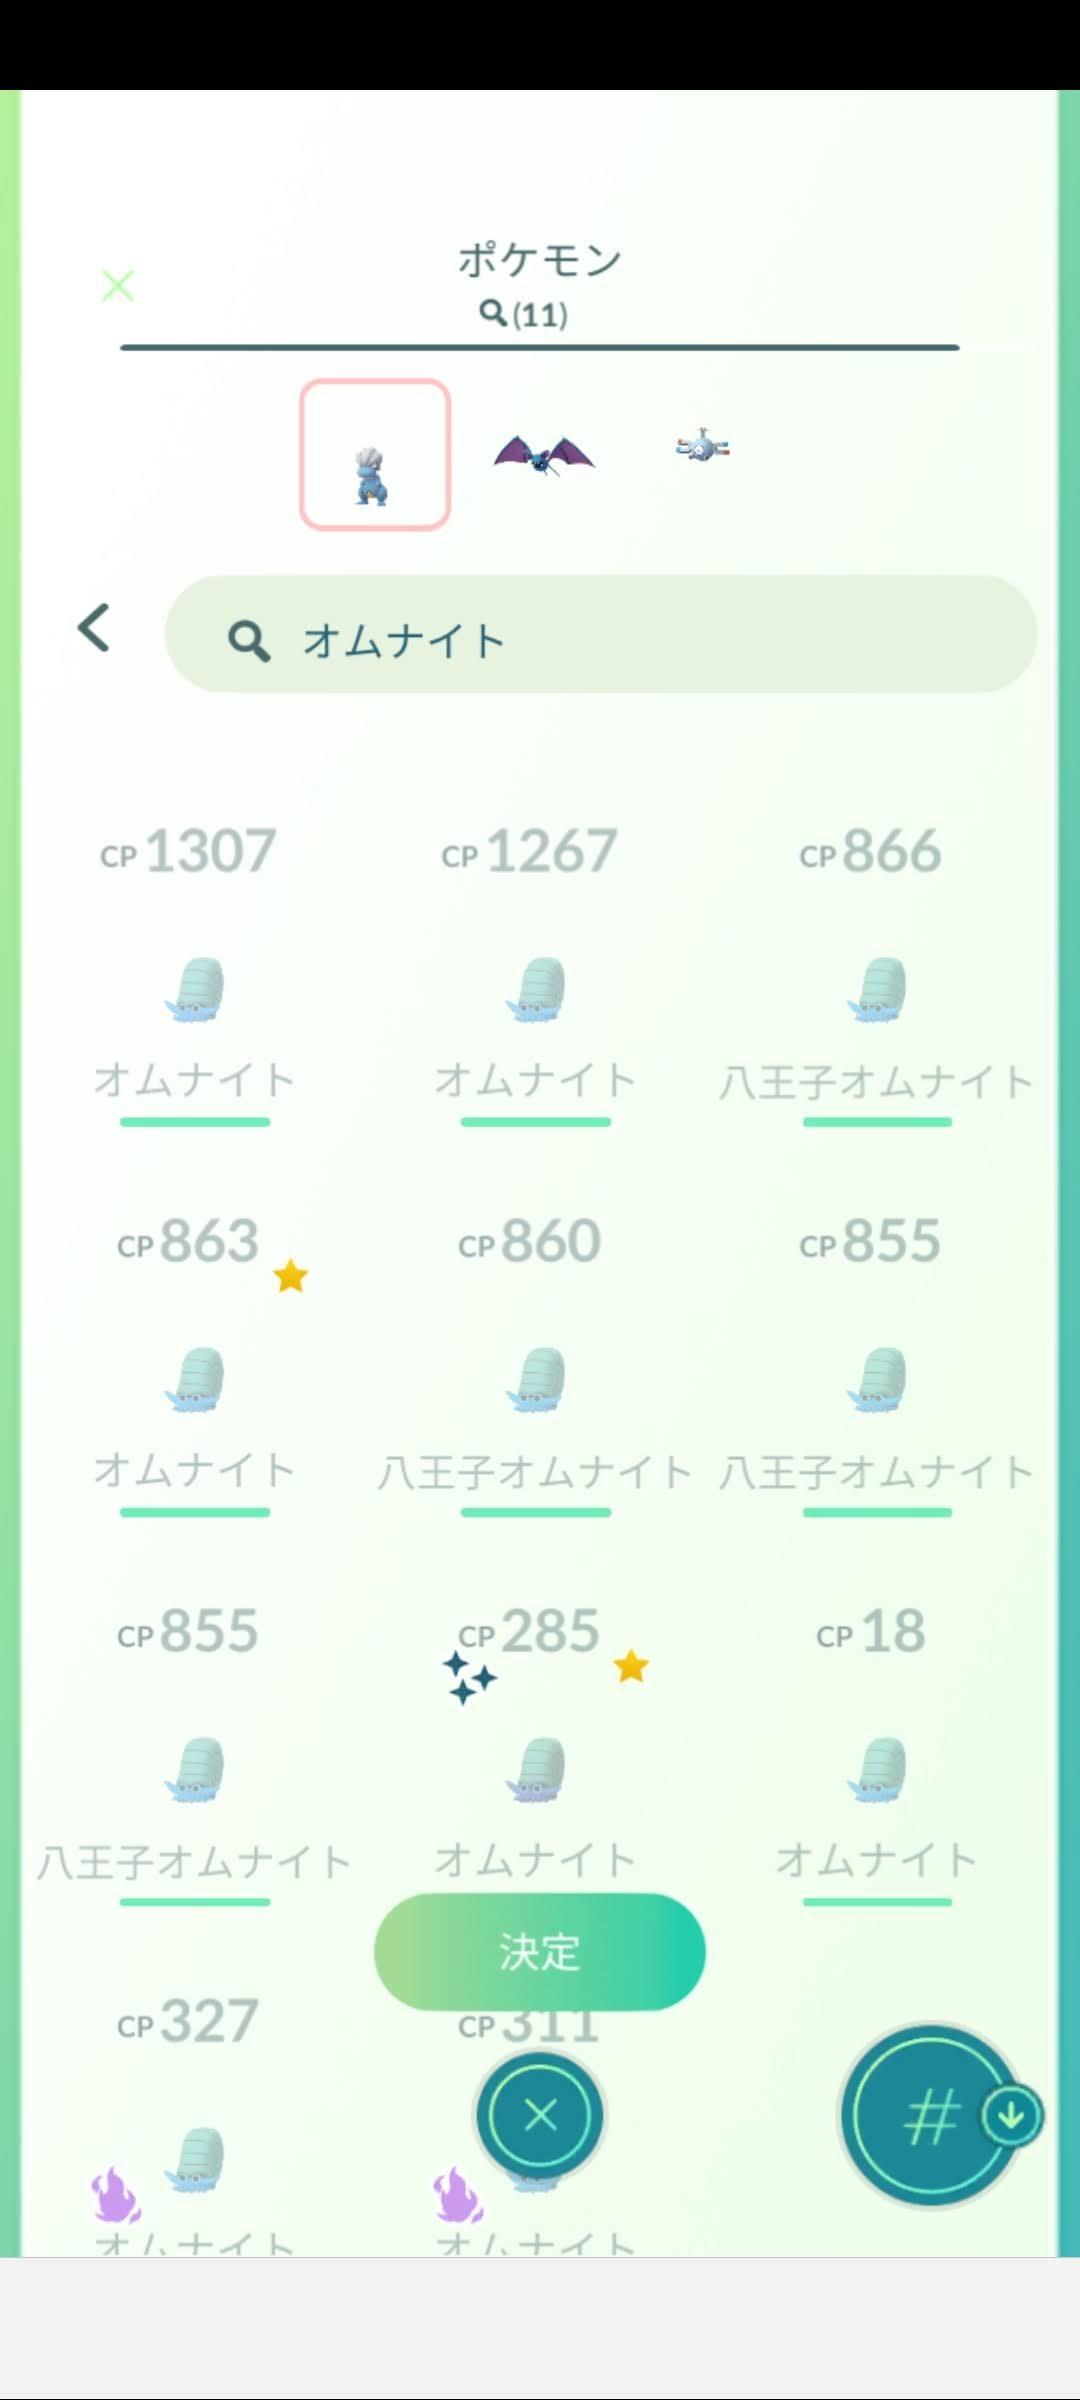 できない バトル リーグ ポケモン go